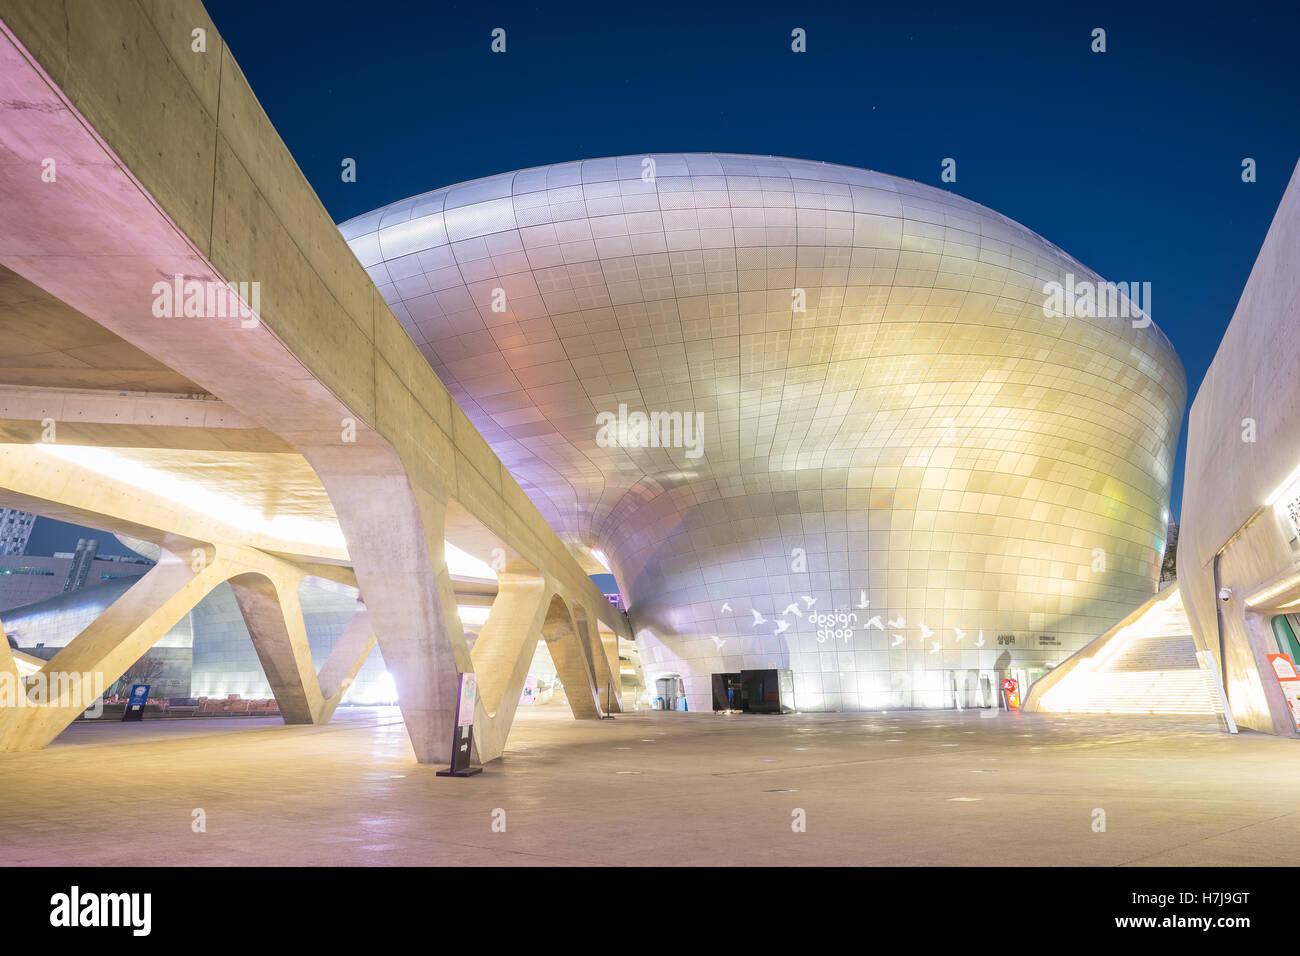 Séoul, Corée du Sud- 7 décembre 2015: la conception de Dongdaemun Plaza a également appelé Photo Stock